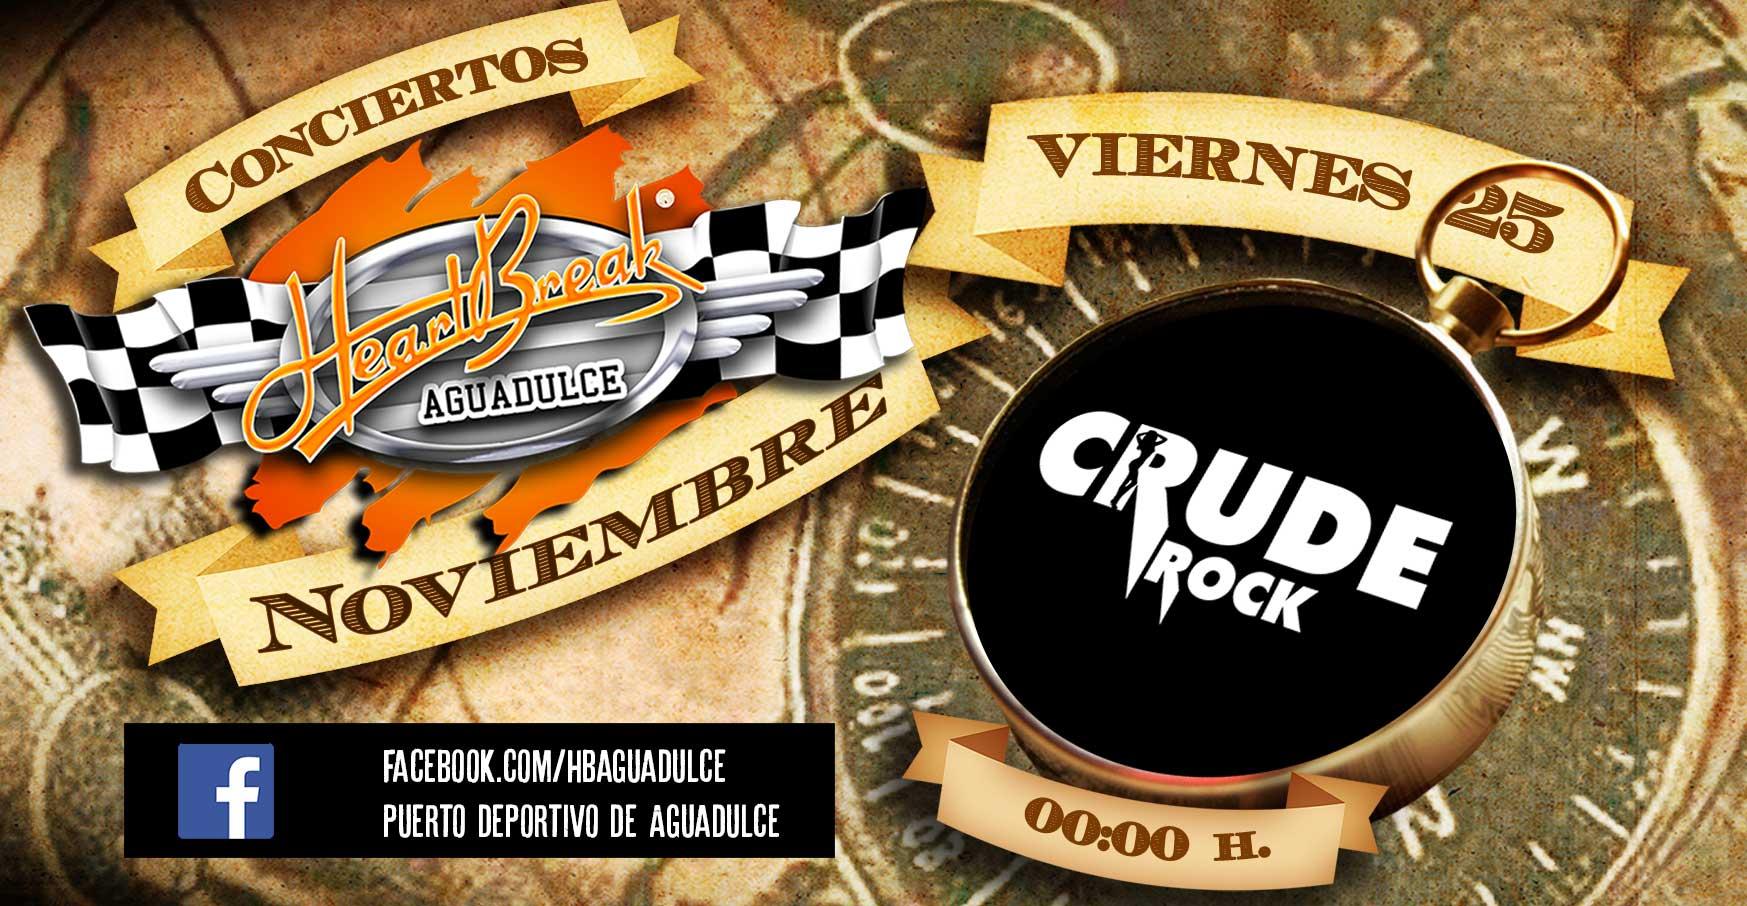 Concierto de Crude Rock